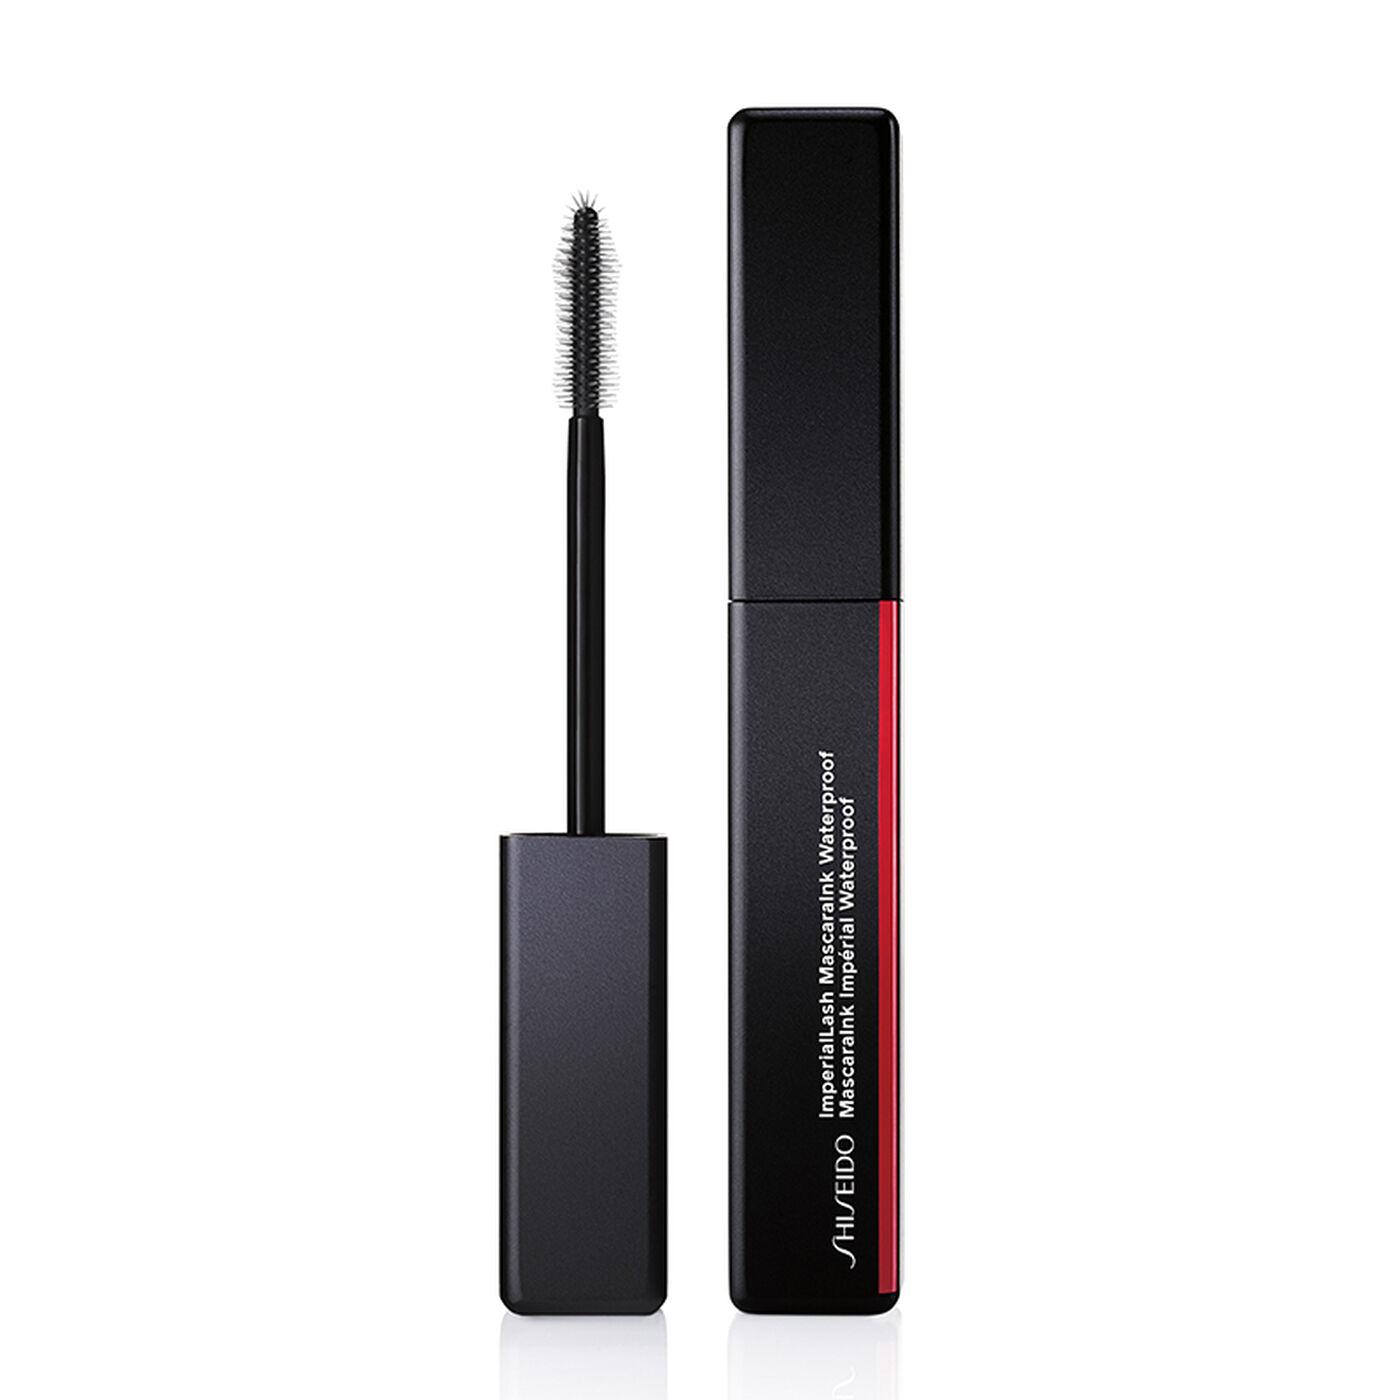 Mỹ phẩm chống nước - Mascara định hình chống thấm nước Shiseido ImperialLash MascaraInk.